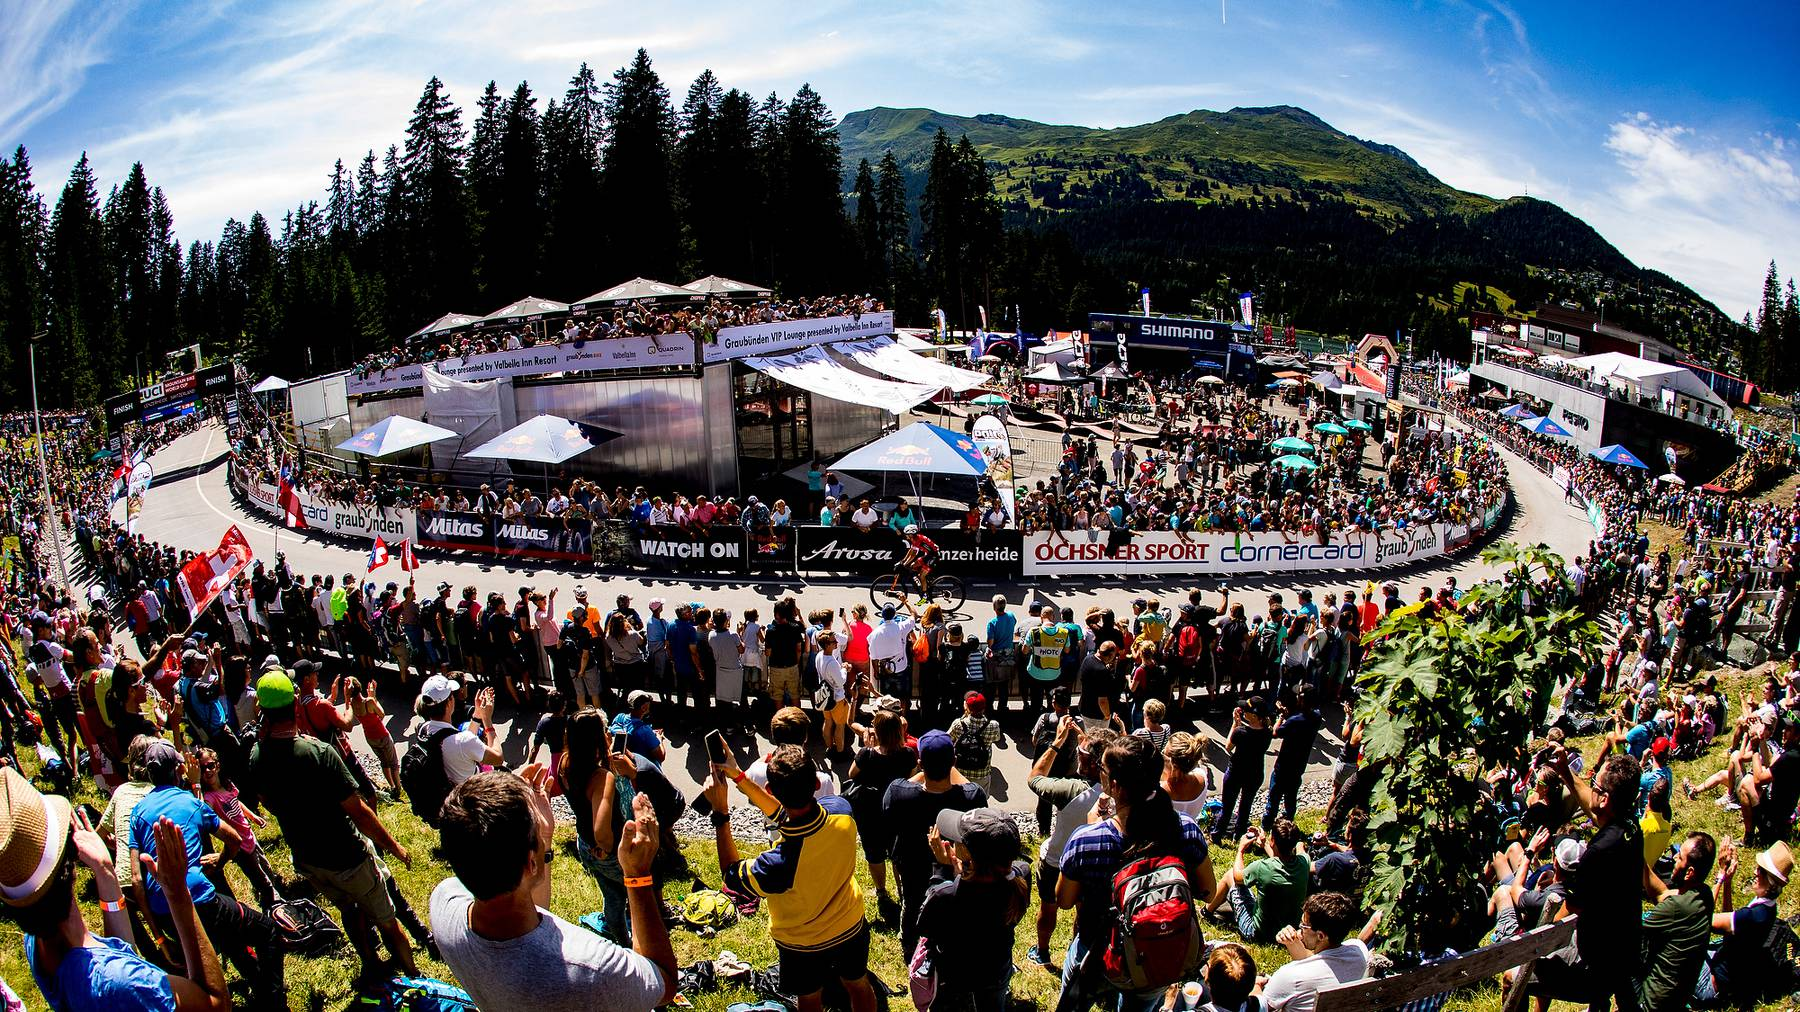 10'000 Zuschauer können am diesjährigen Bike Weltcup in der Lenzerheide dabei sein.